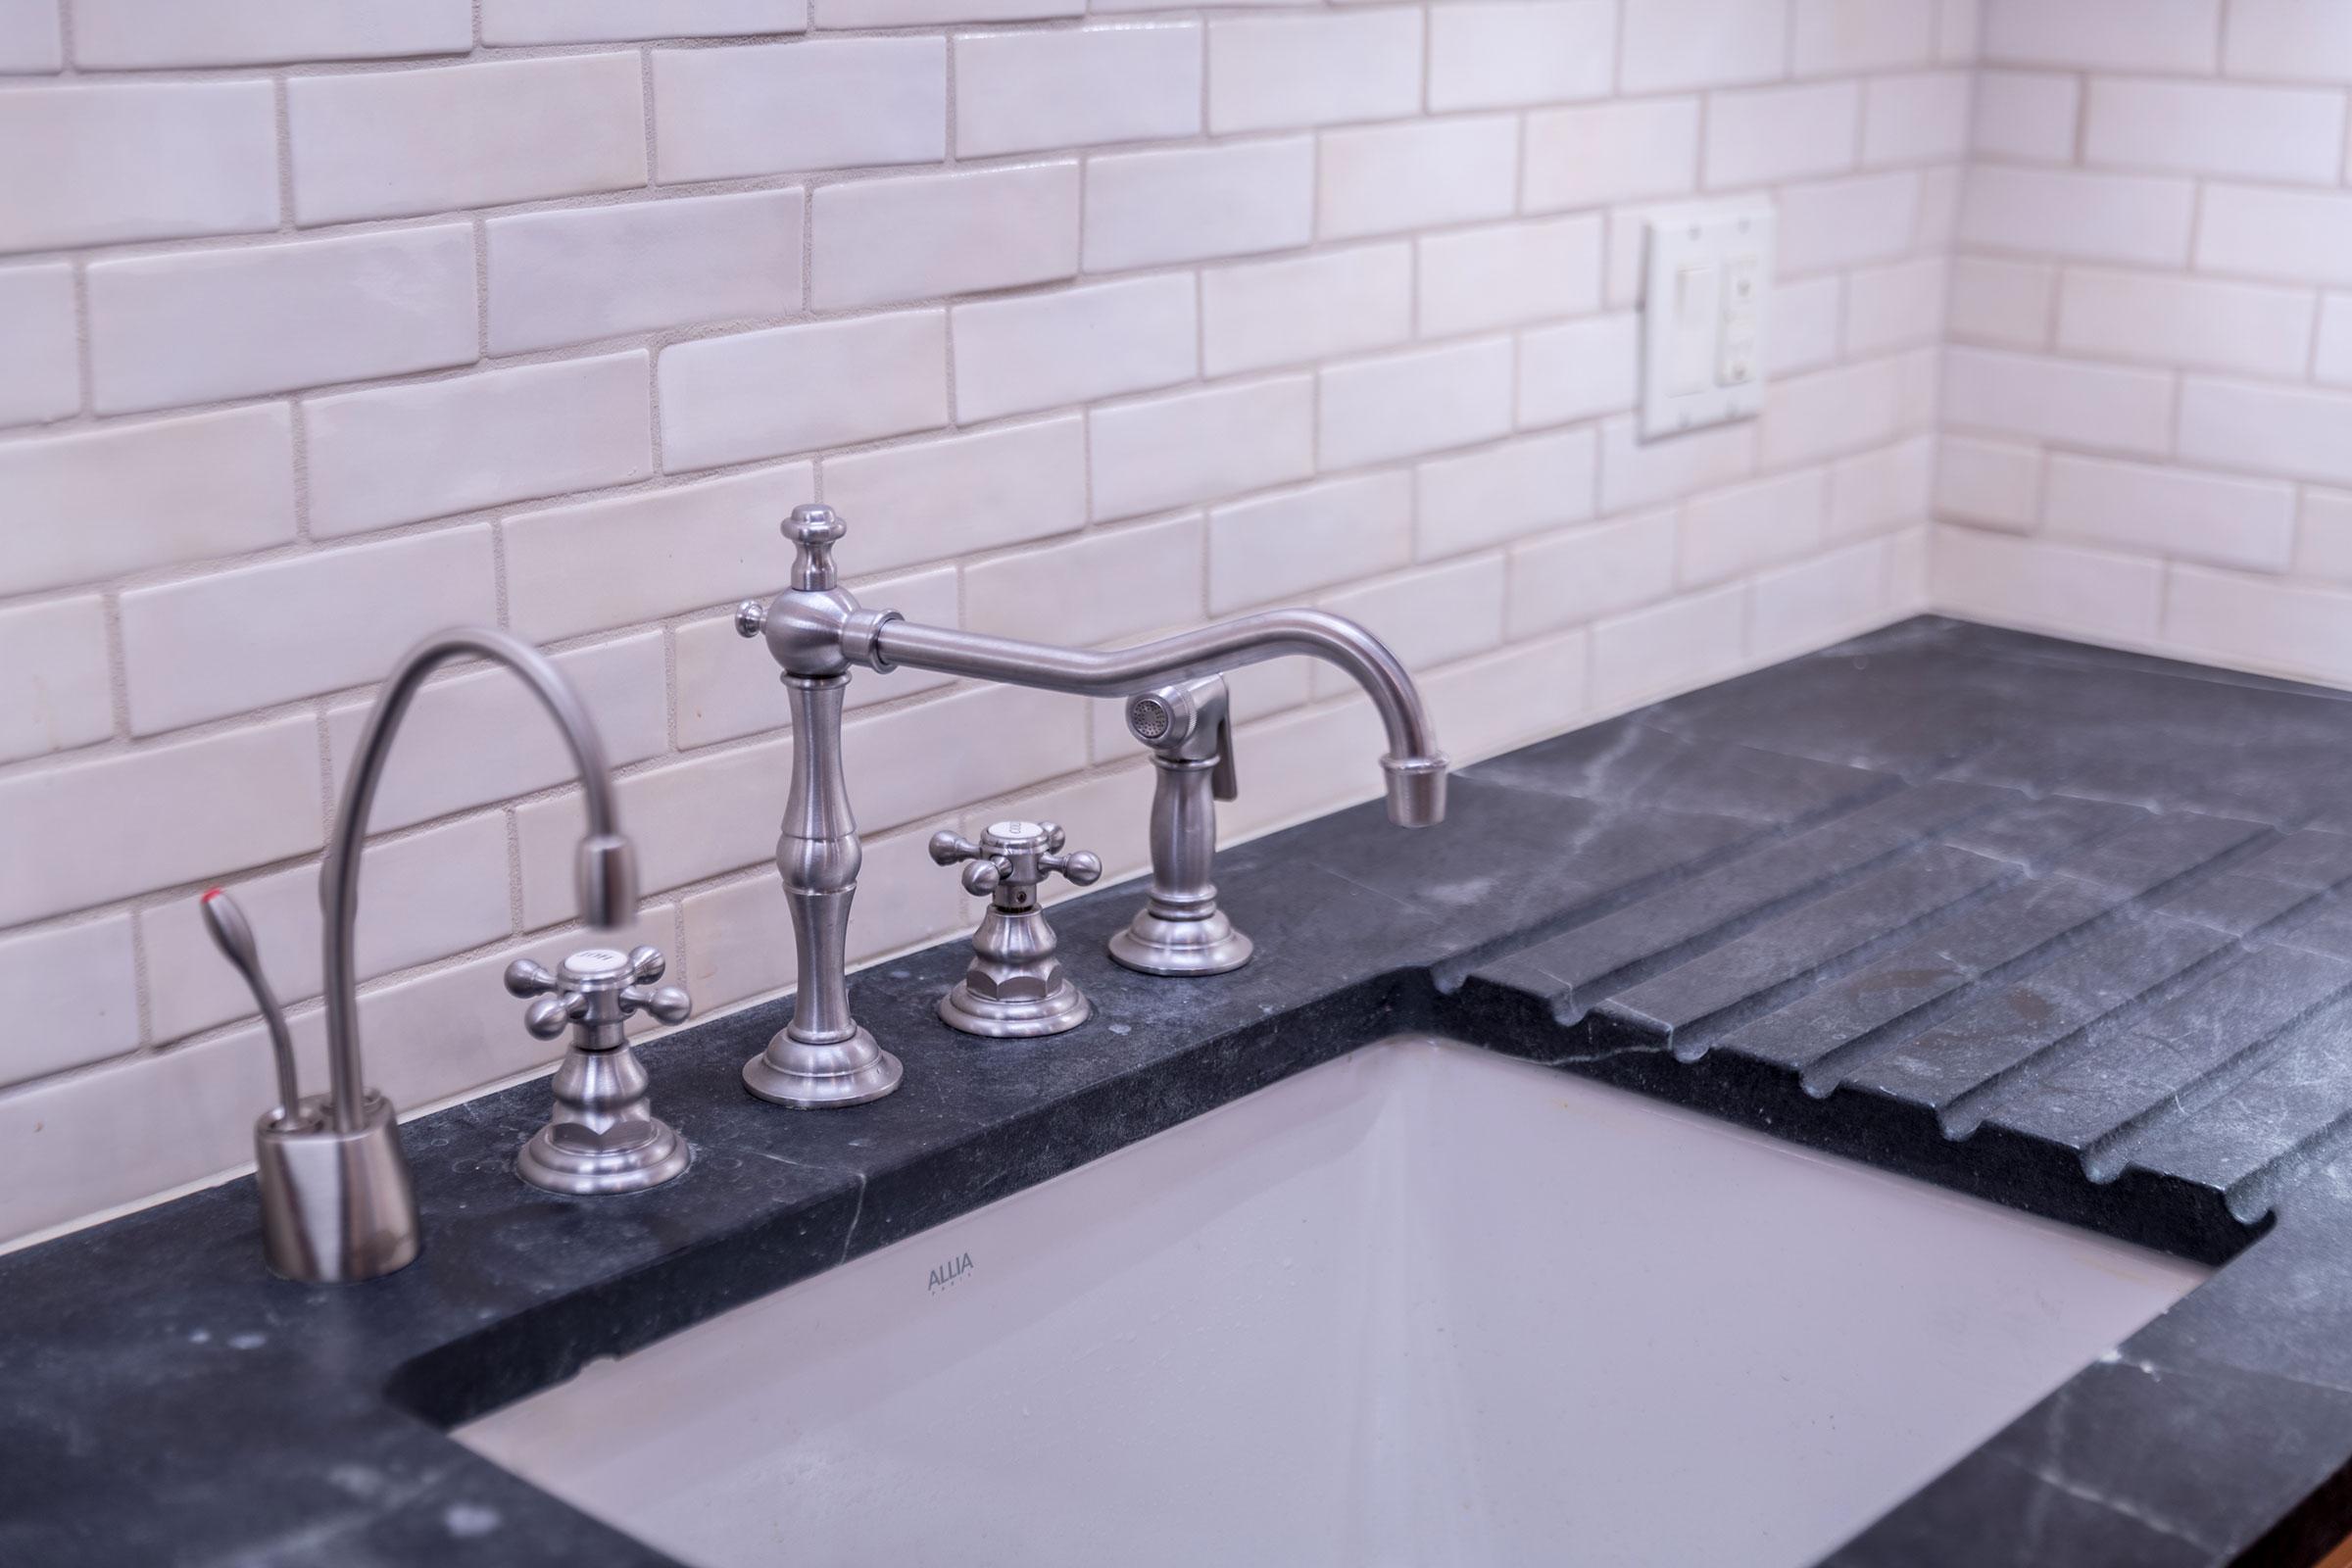 Clark Mansion Alameda Tiled Kitchen Sink Buestad Construction